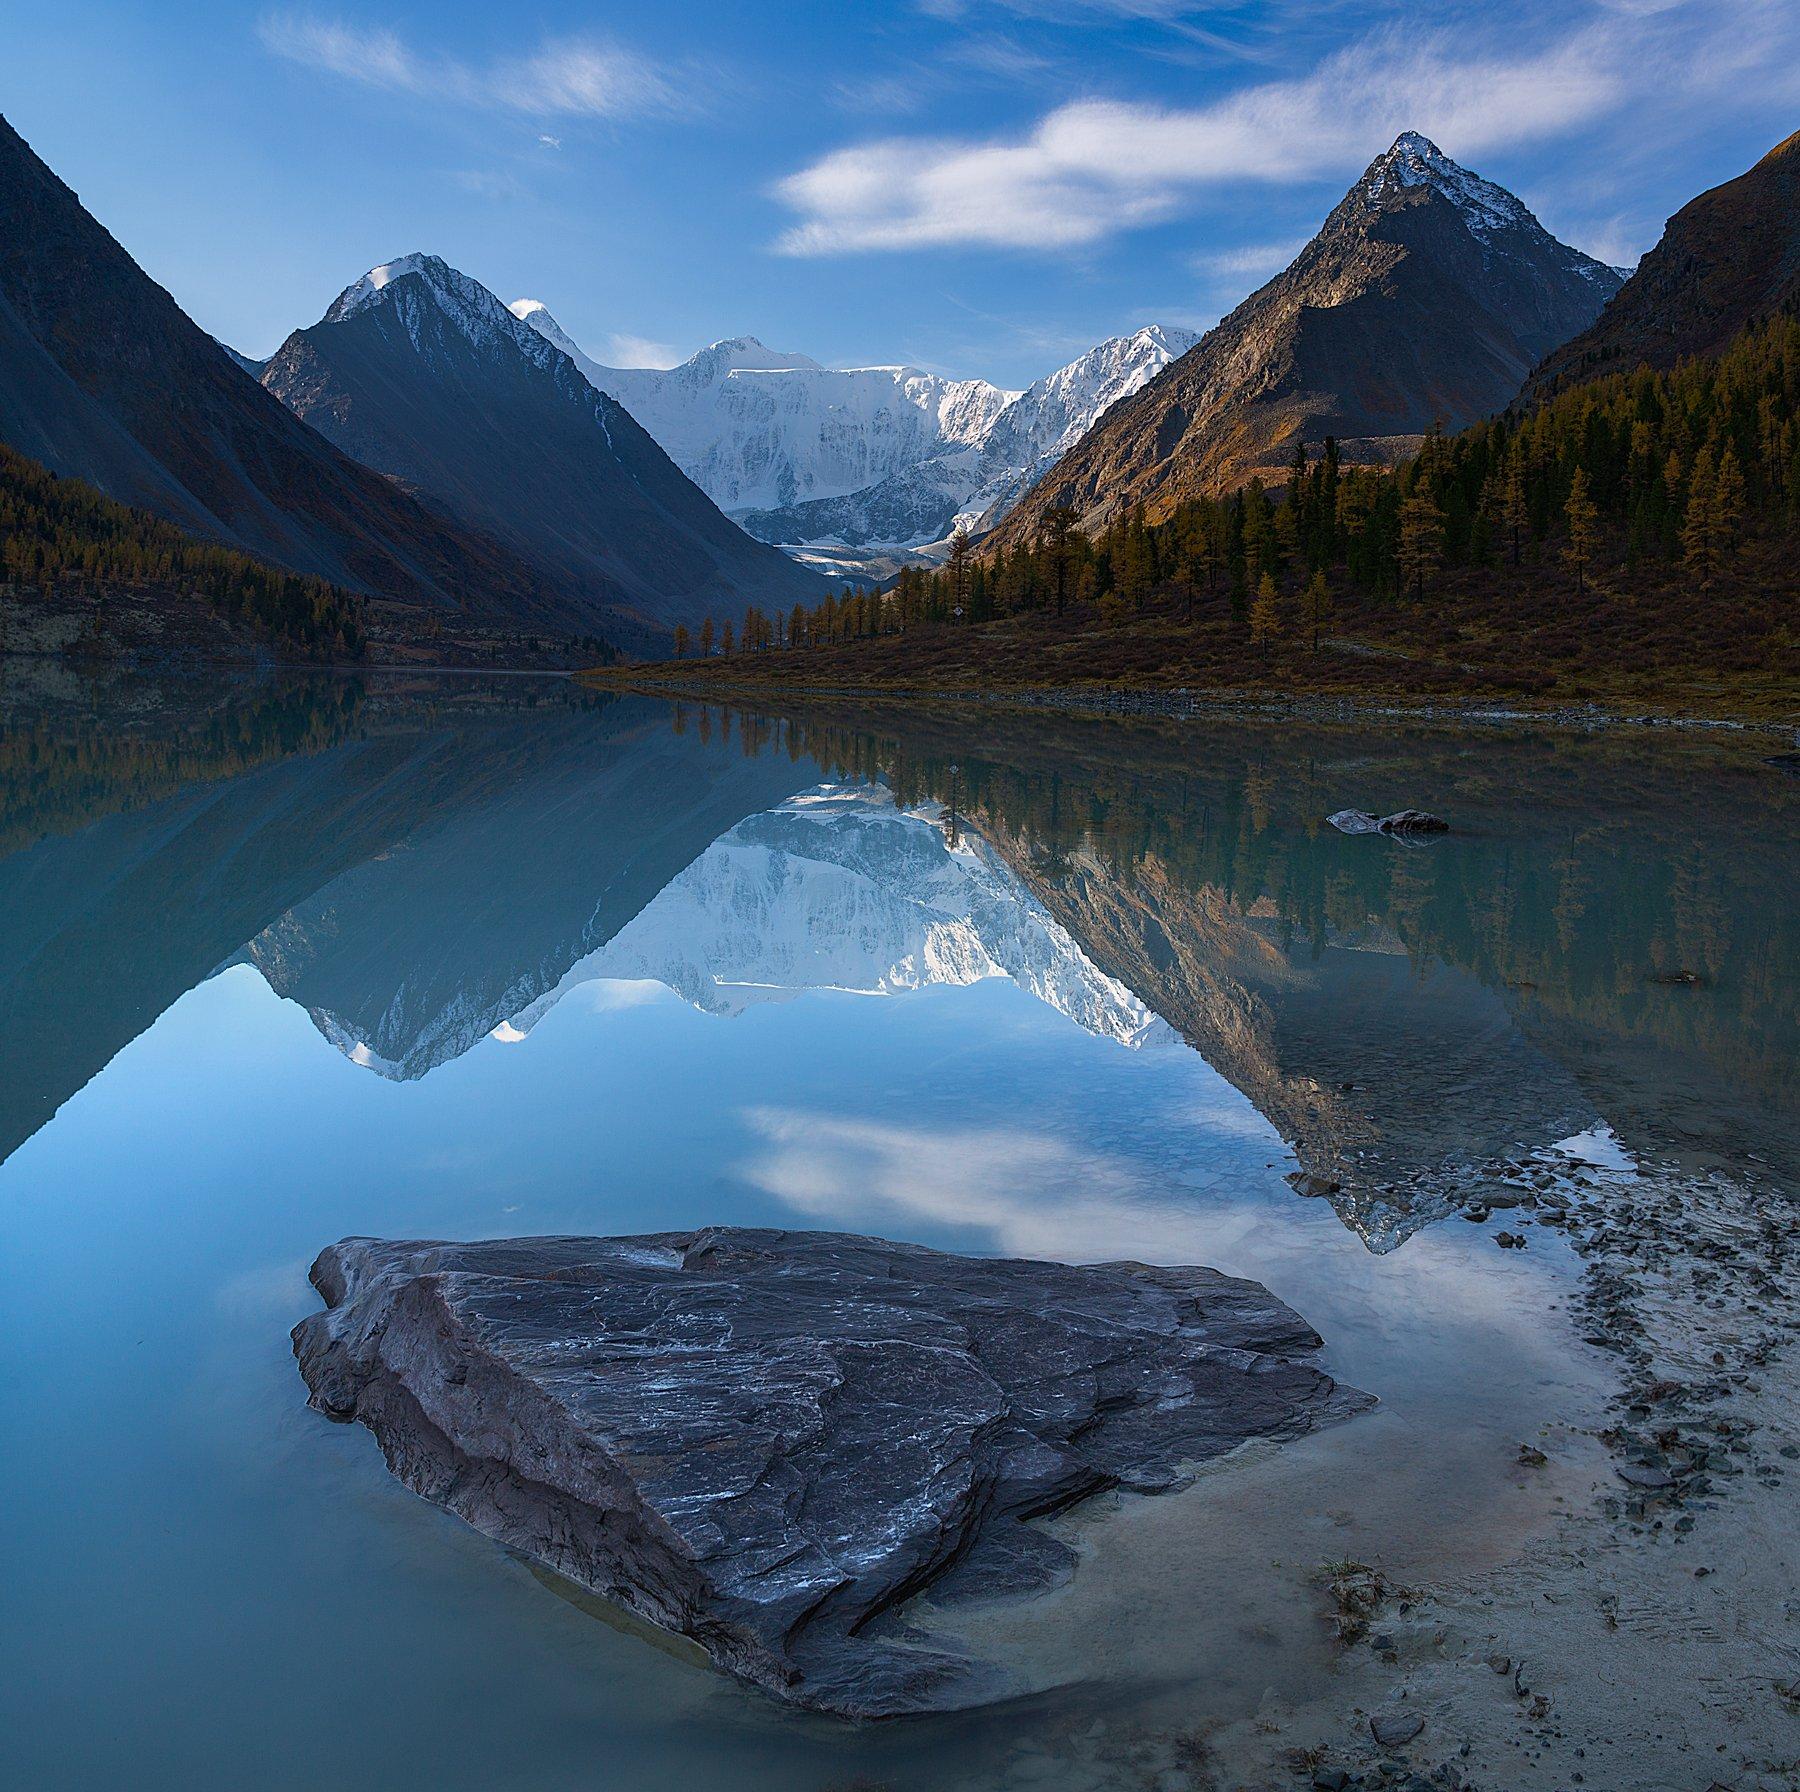 2016, Аккем, Алтай, Горы, Озер, Осень, Отражение, Сентябрь, Pavel  Tkachenko